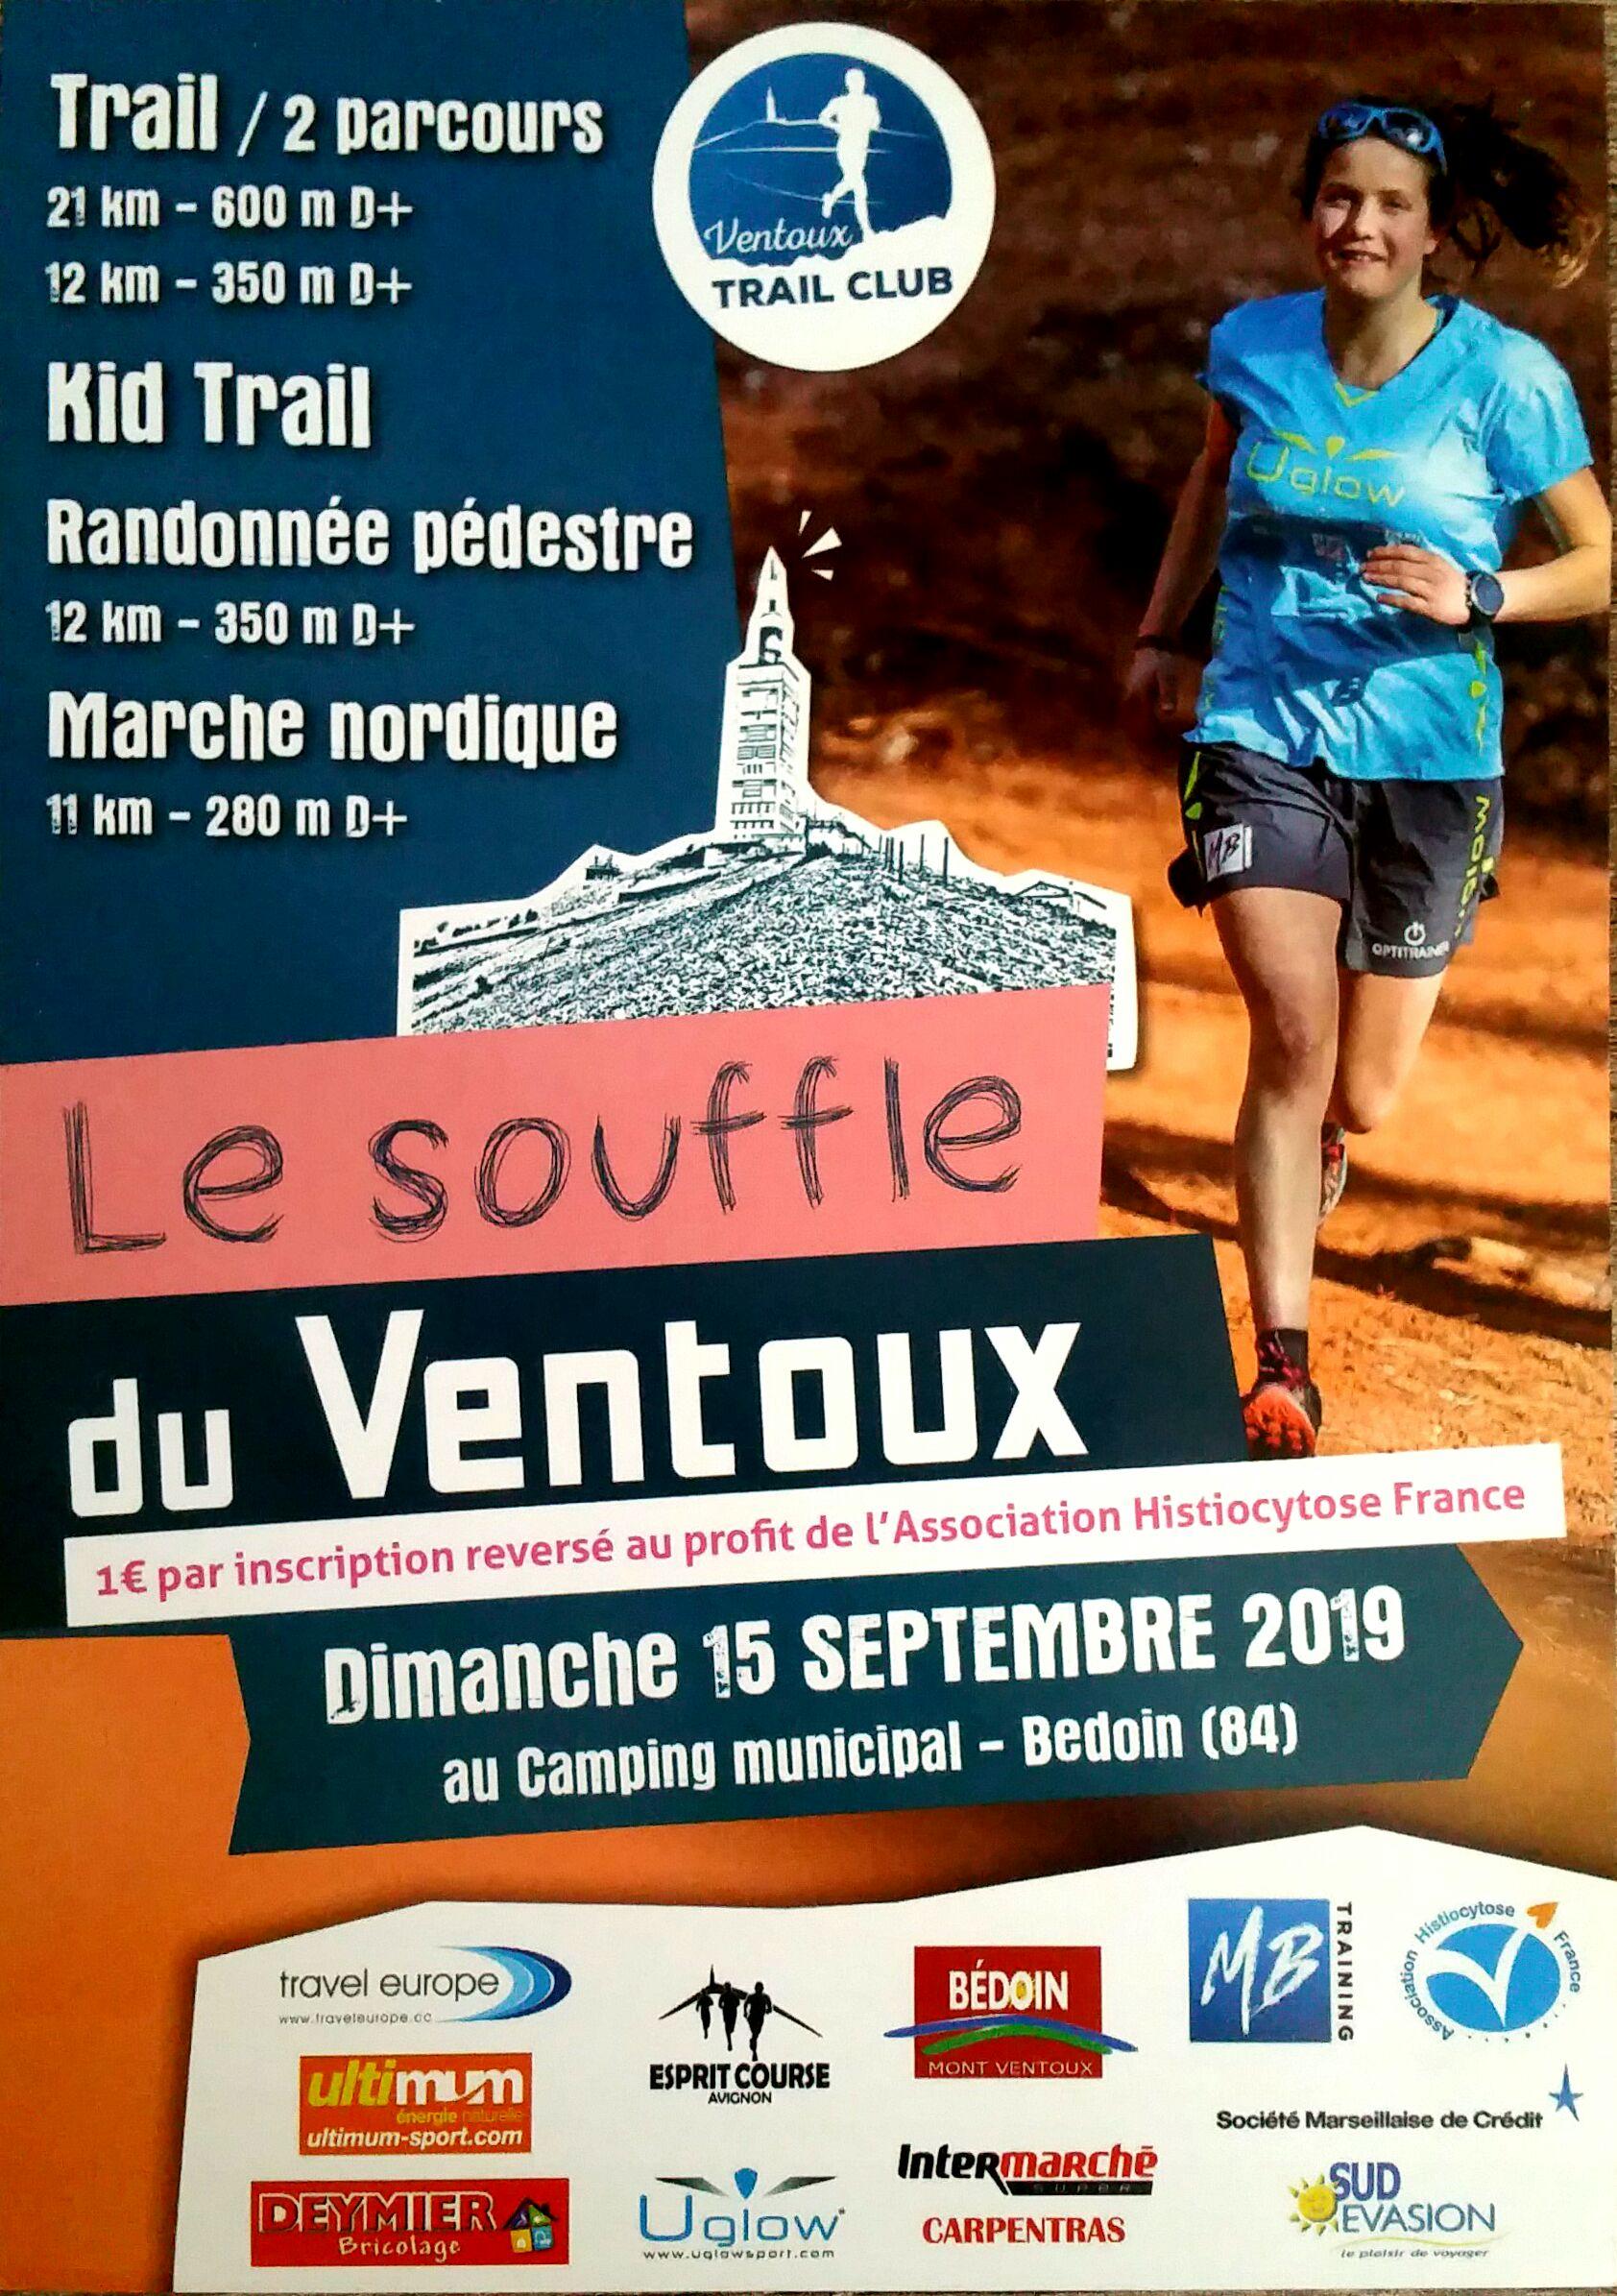 Souffle du Ventoux - Kid Trail